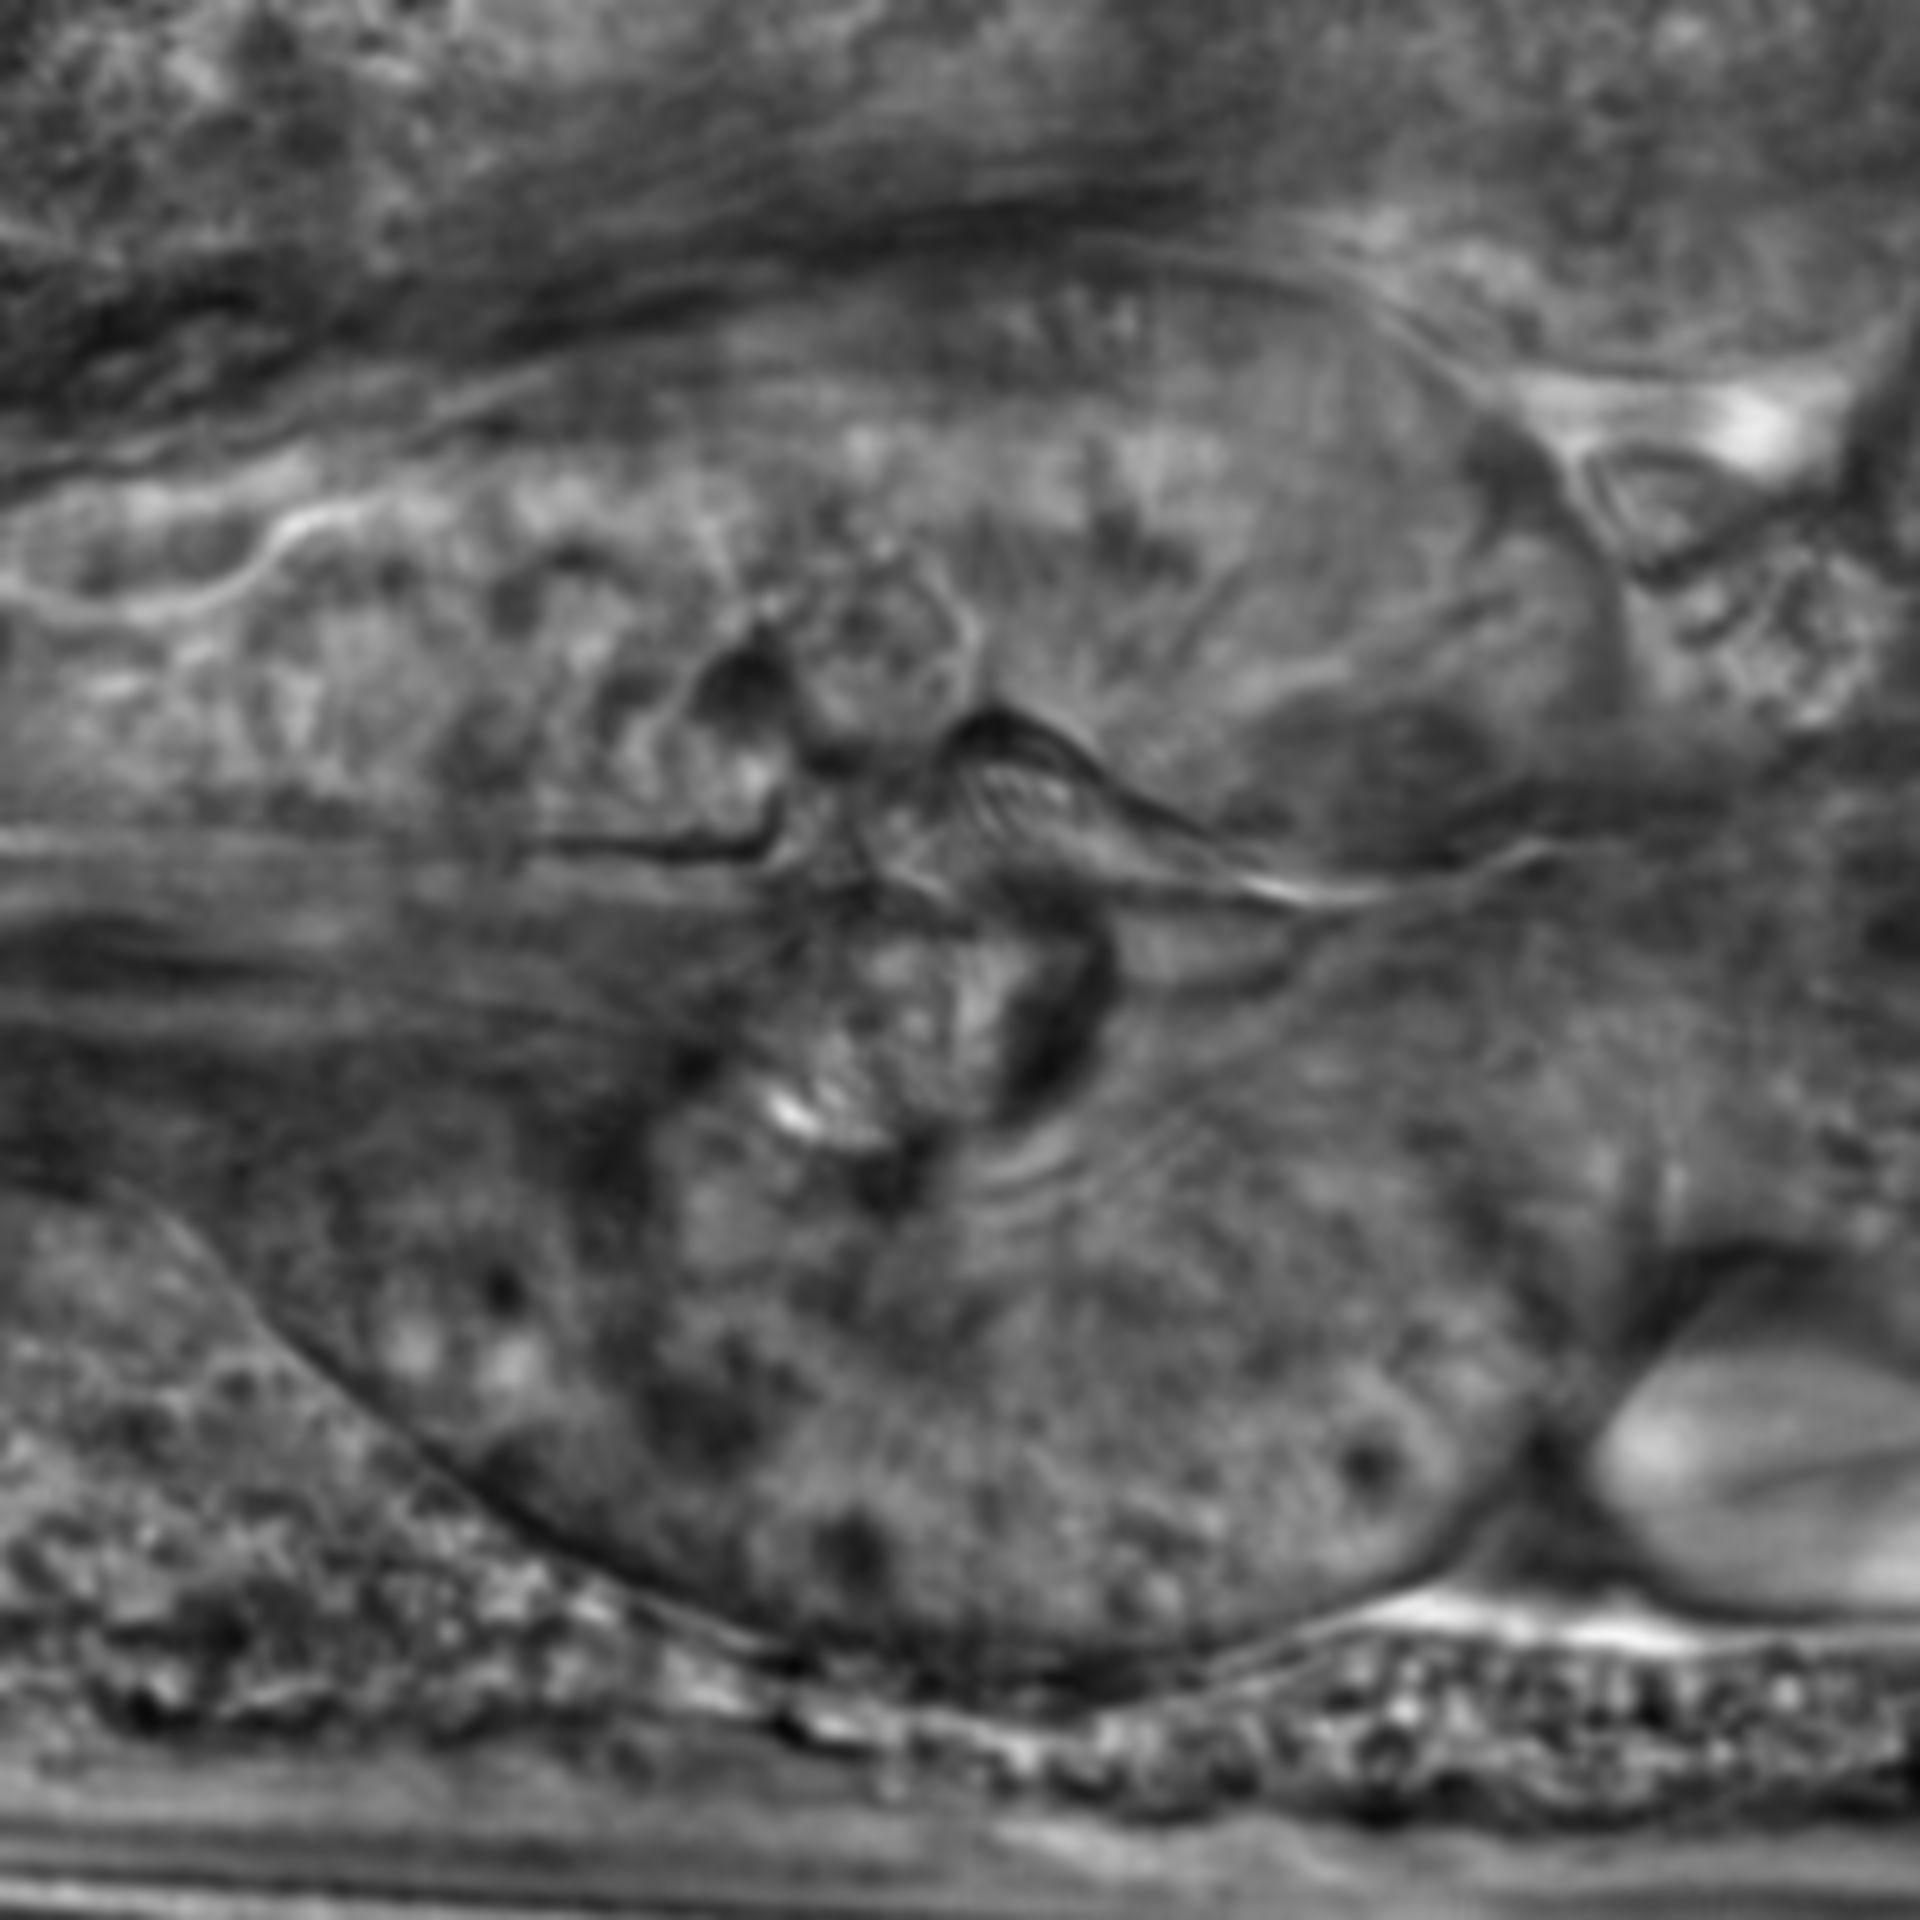 Caenorhabditis elegans - CIL:2774